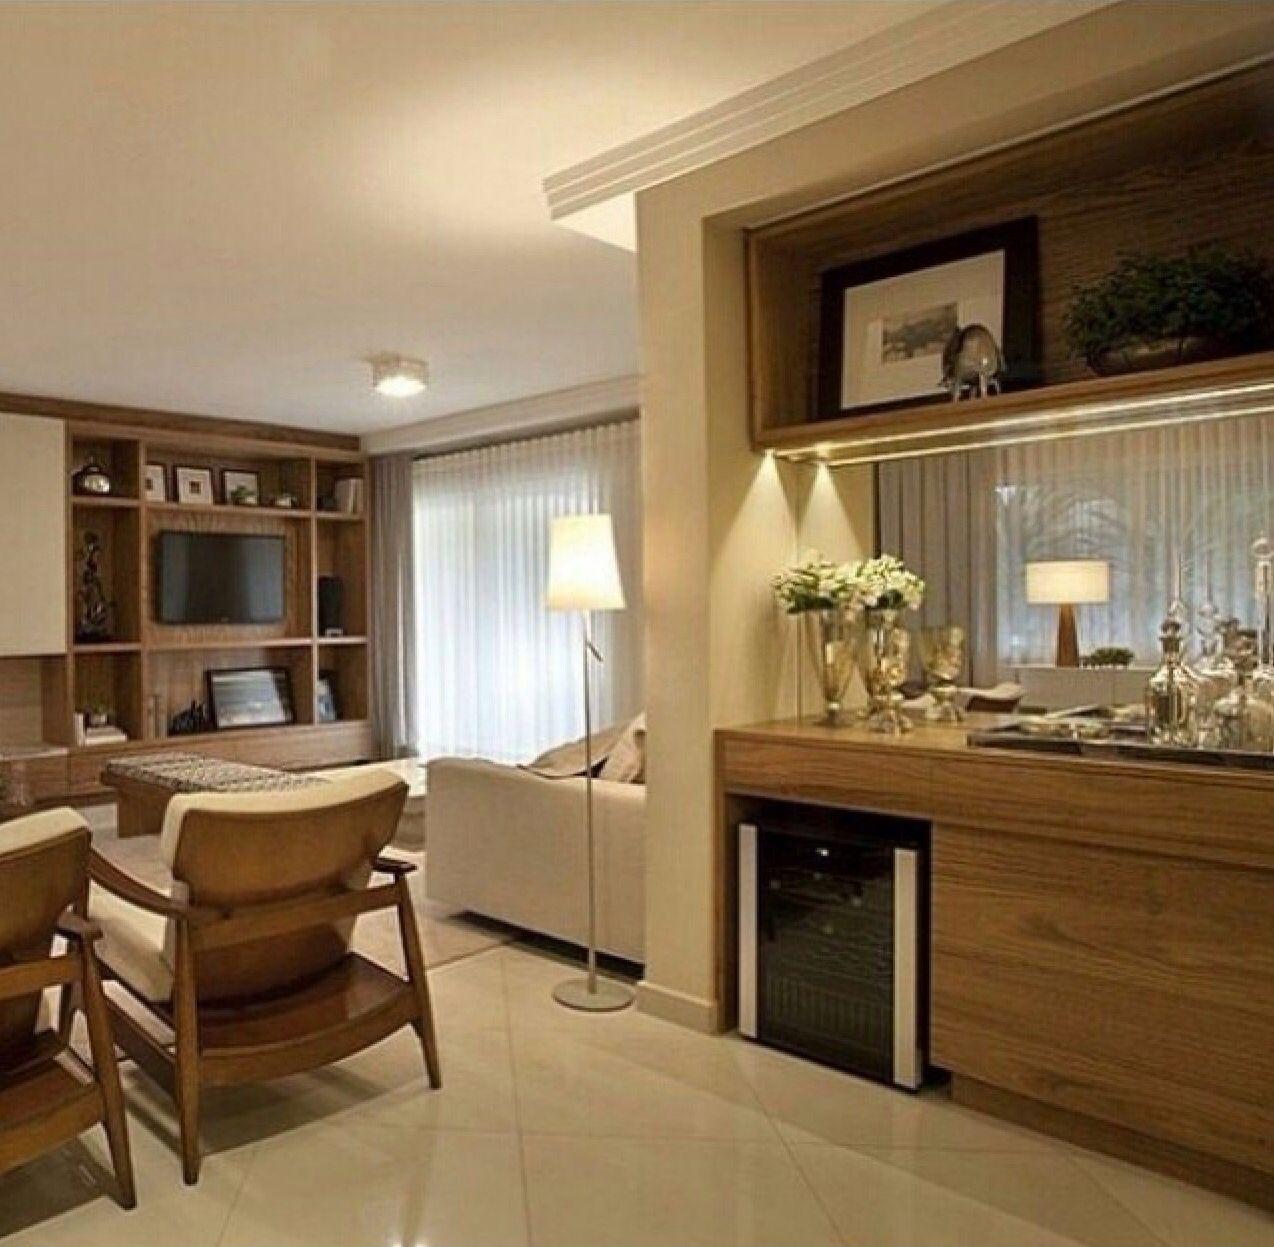 #35210E Lindo buffet com adega embutida e espelho! @decorandocomclasse bares  1274x1247 píxeis em Aparador Para Sala De Estar Americanas